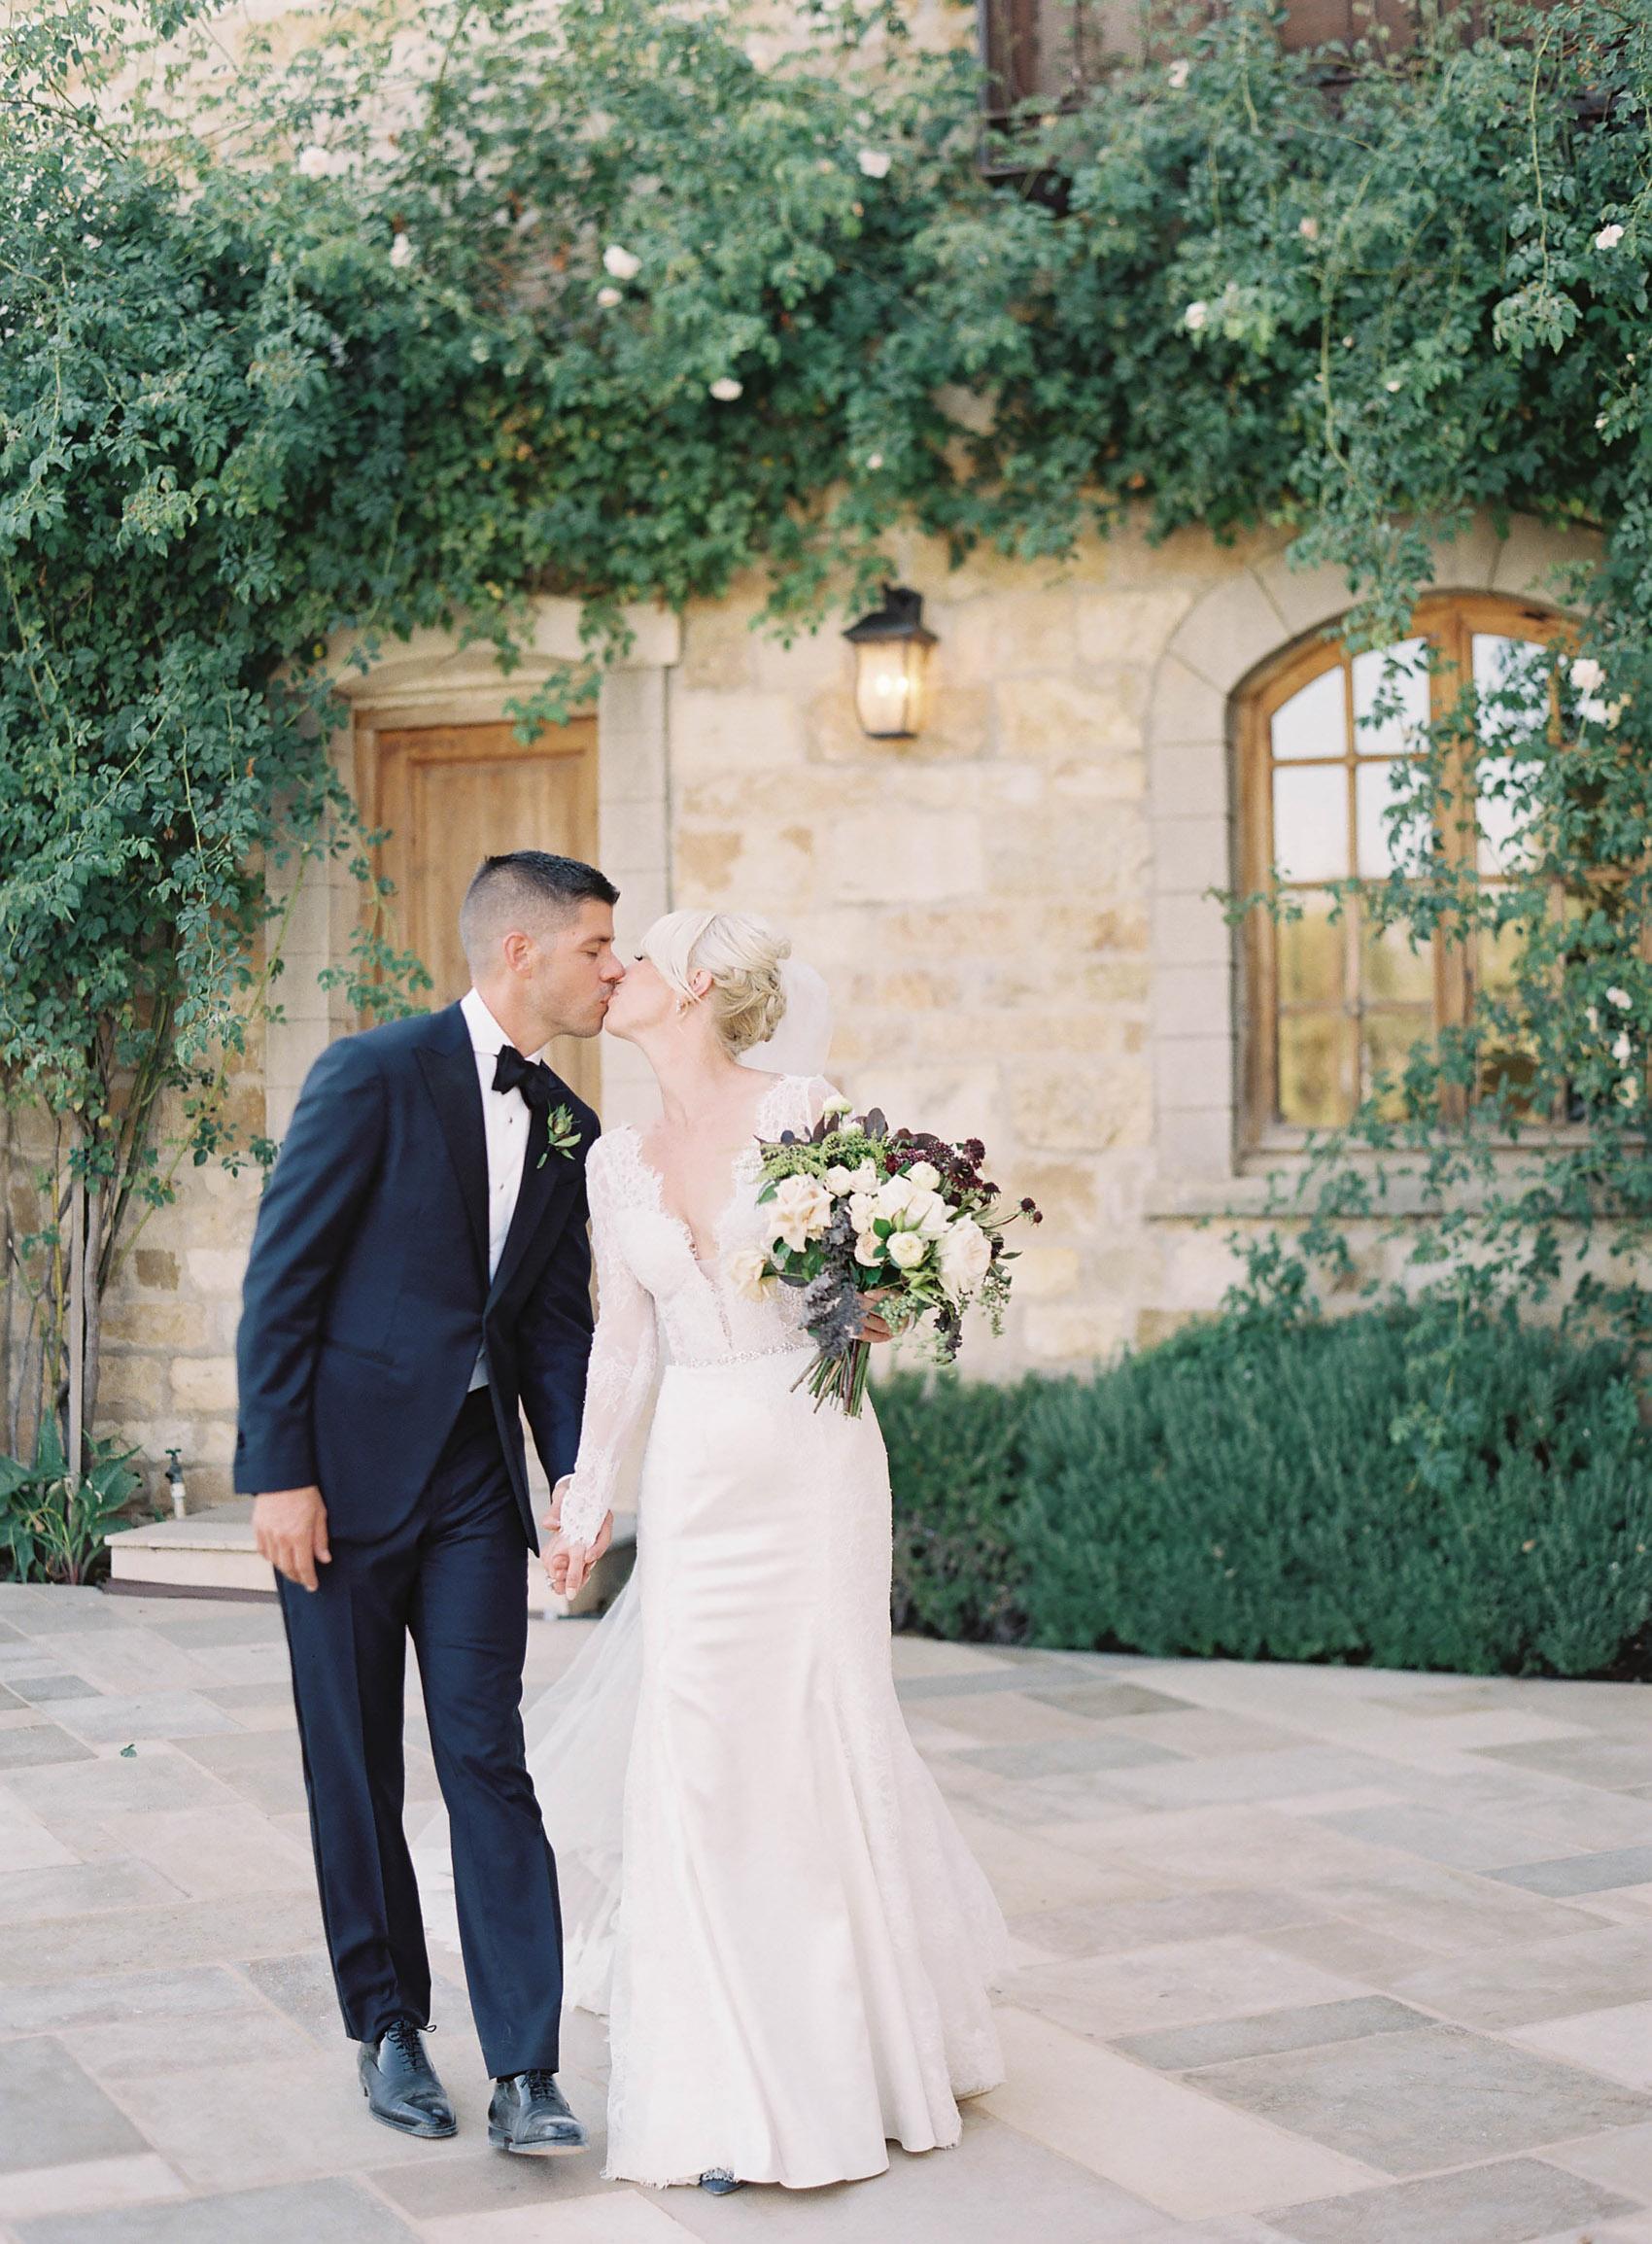 Sunstone_Villa_Wedding-60-Jen-Huang-JTEd-101-Jen_Huang-002836-R1-011.jpg